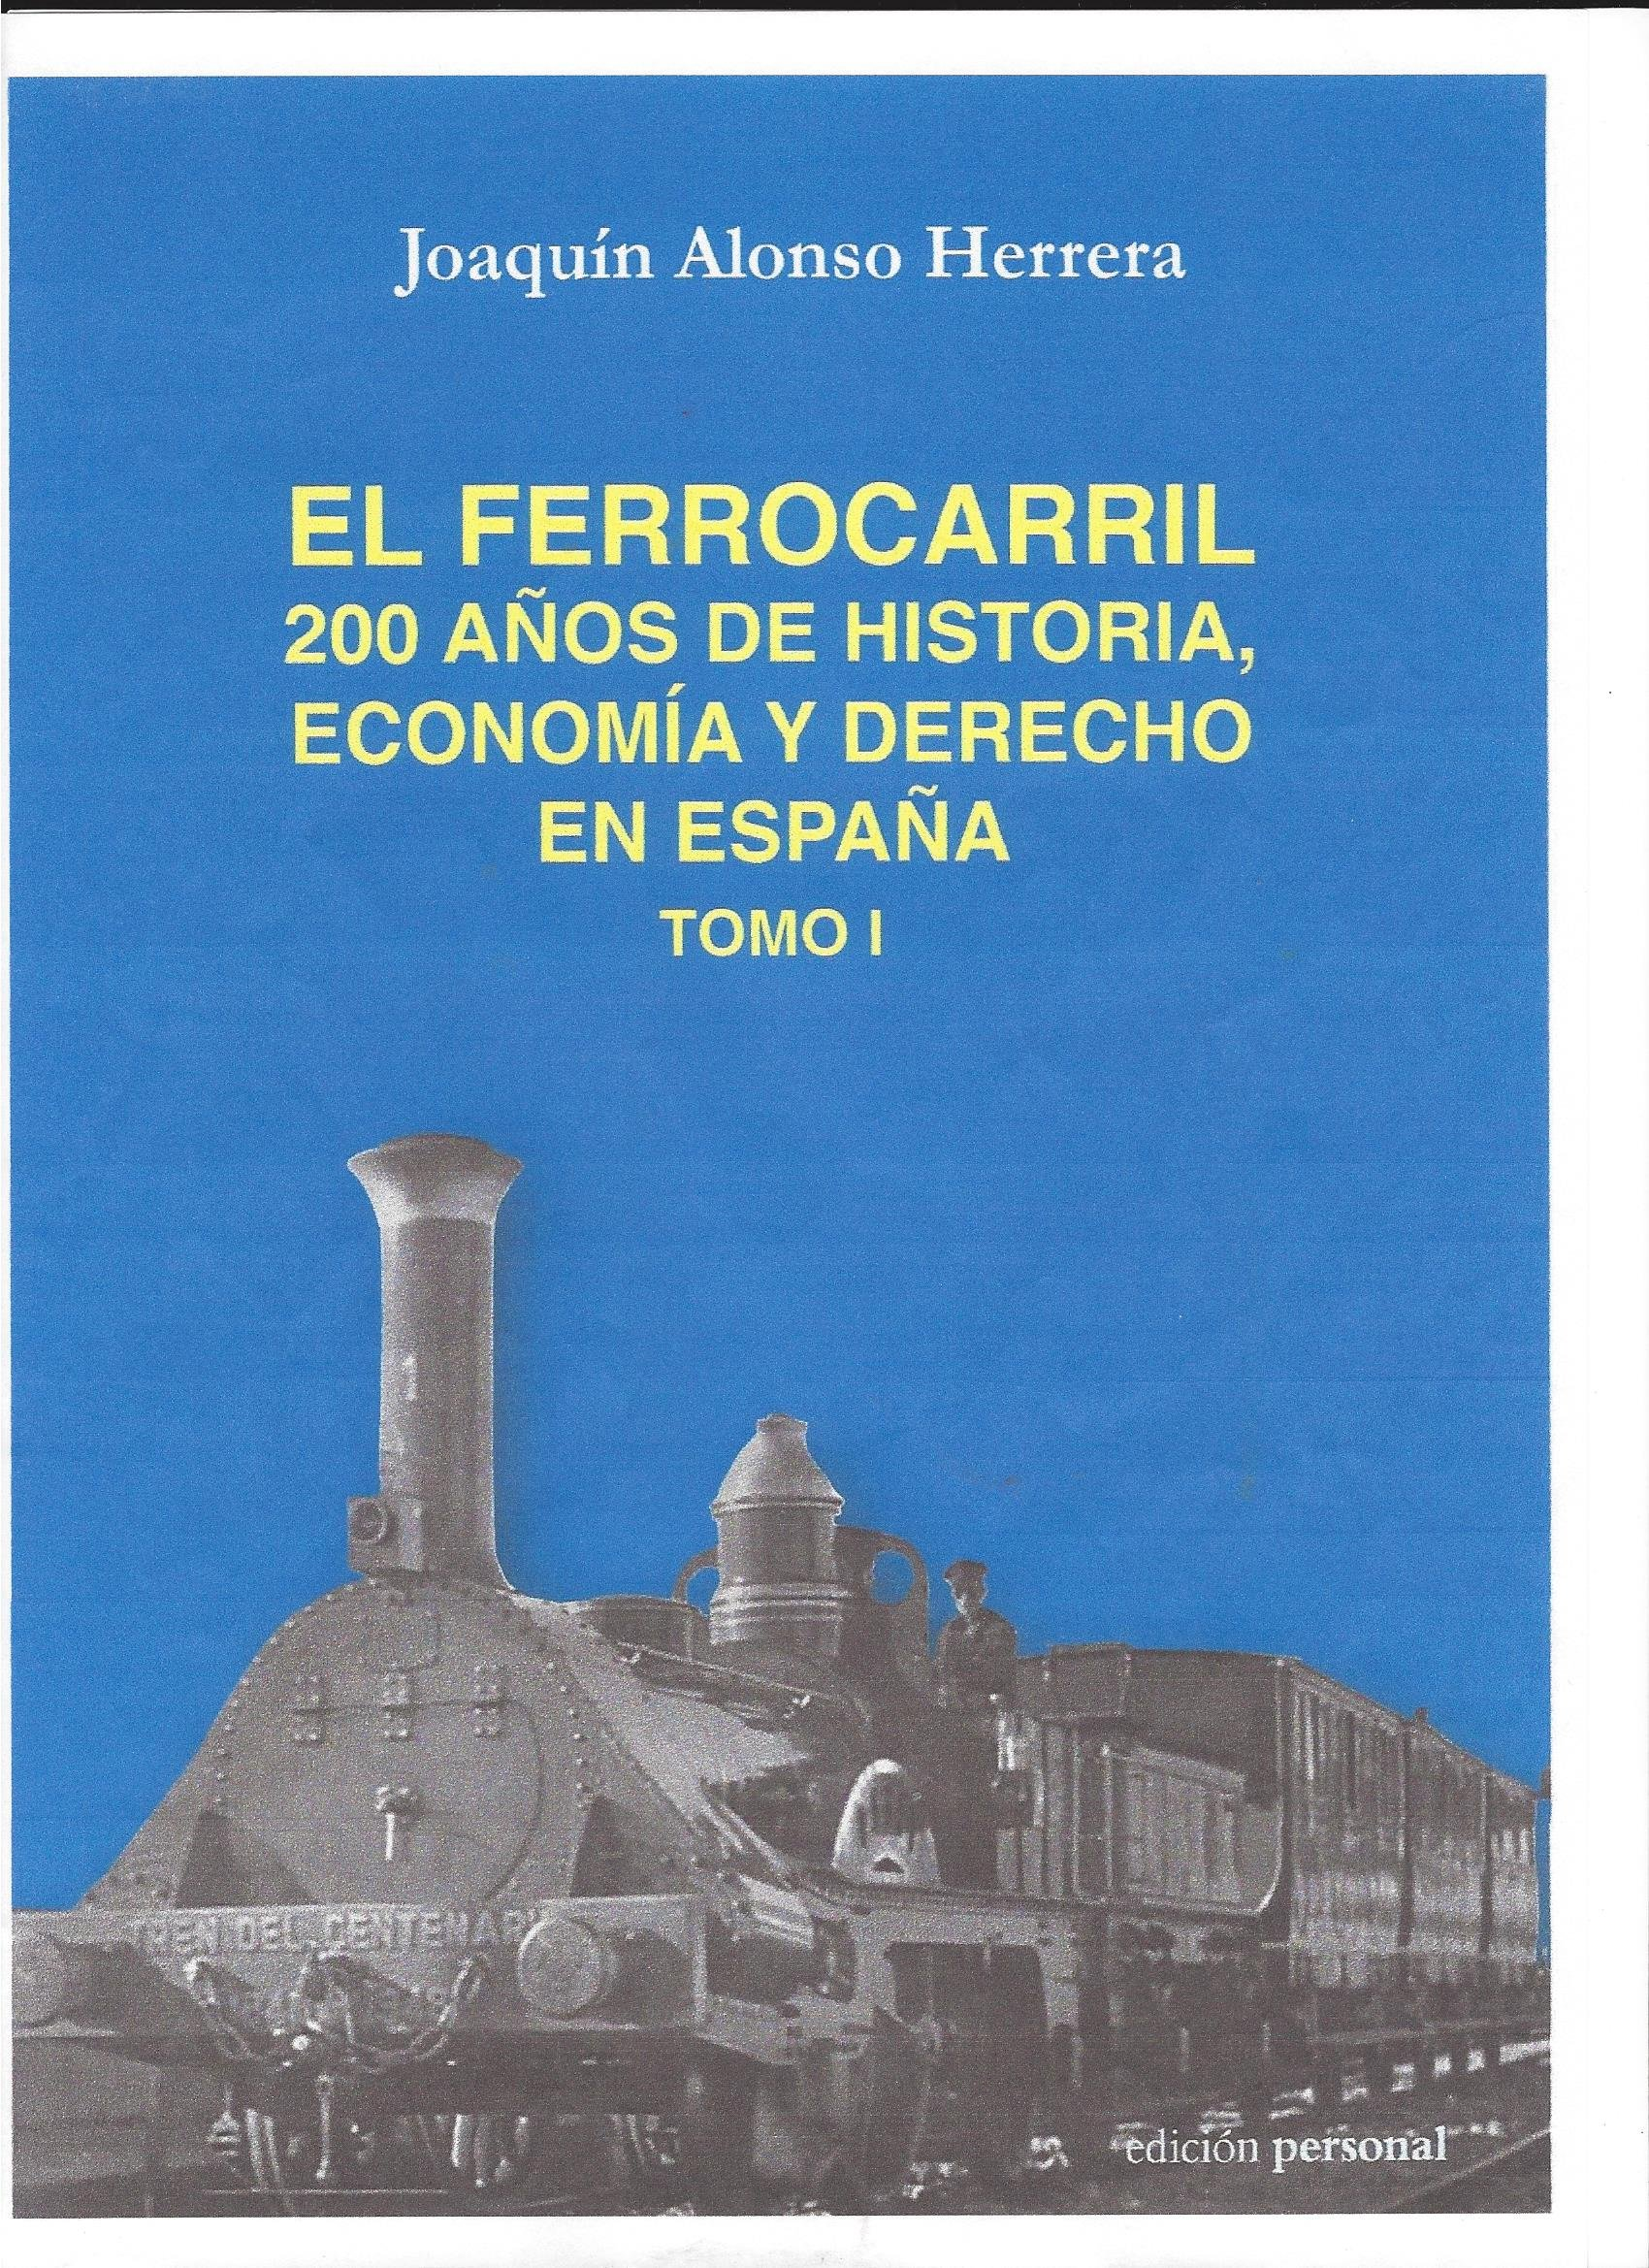 El ferrocarril. 200 años de historia, economía y derecho en España: Amazon.es: Alonso Herrera, Joaquín: Libros